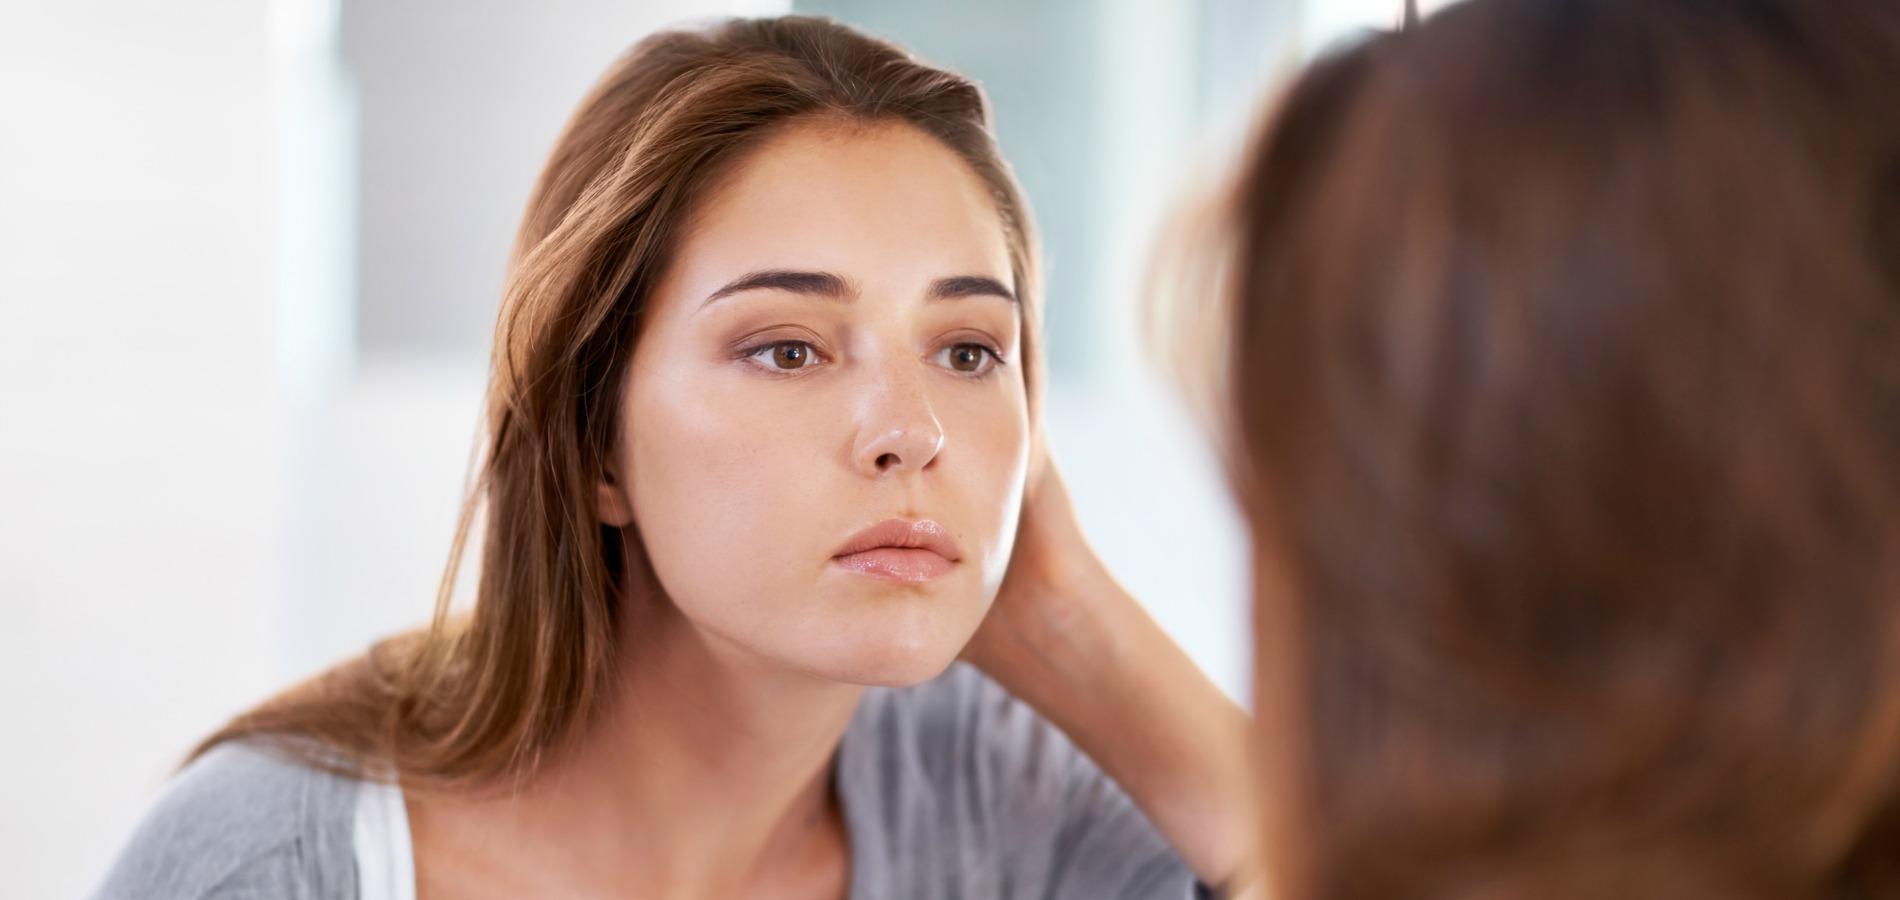 Les peaux grasses souffrent d un excès de sébum faisant briller la peau, et  conduisant à l apparition d acné et de points noirs. afc7a1f2bfc